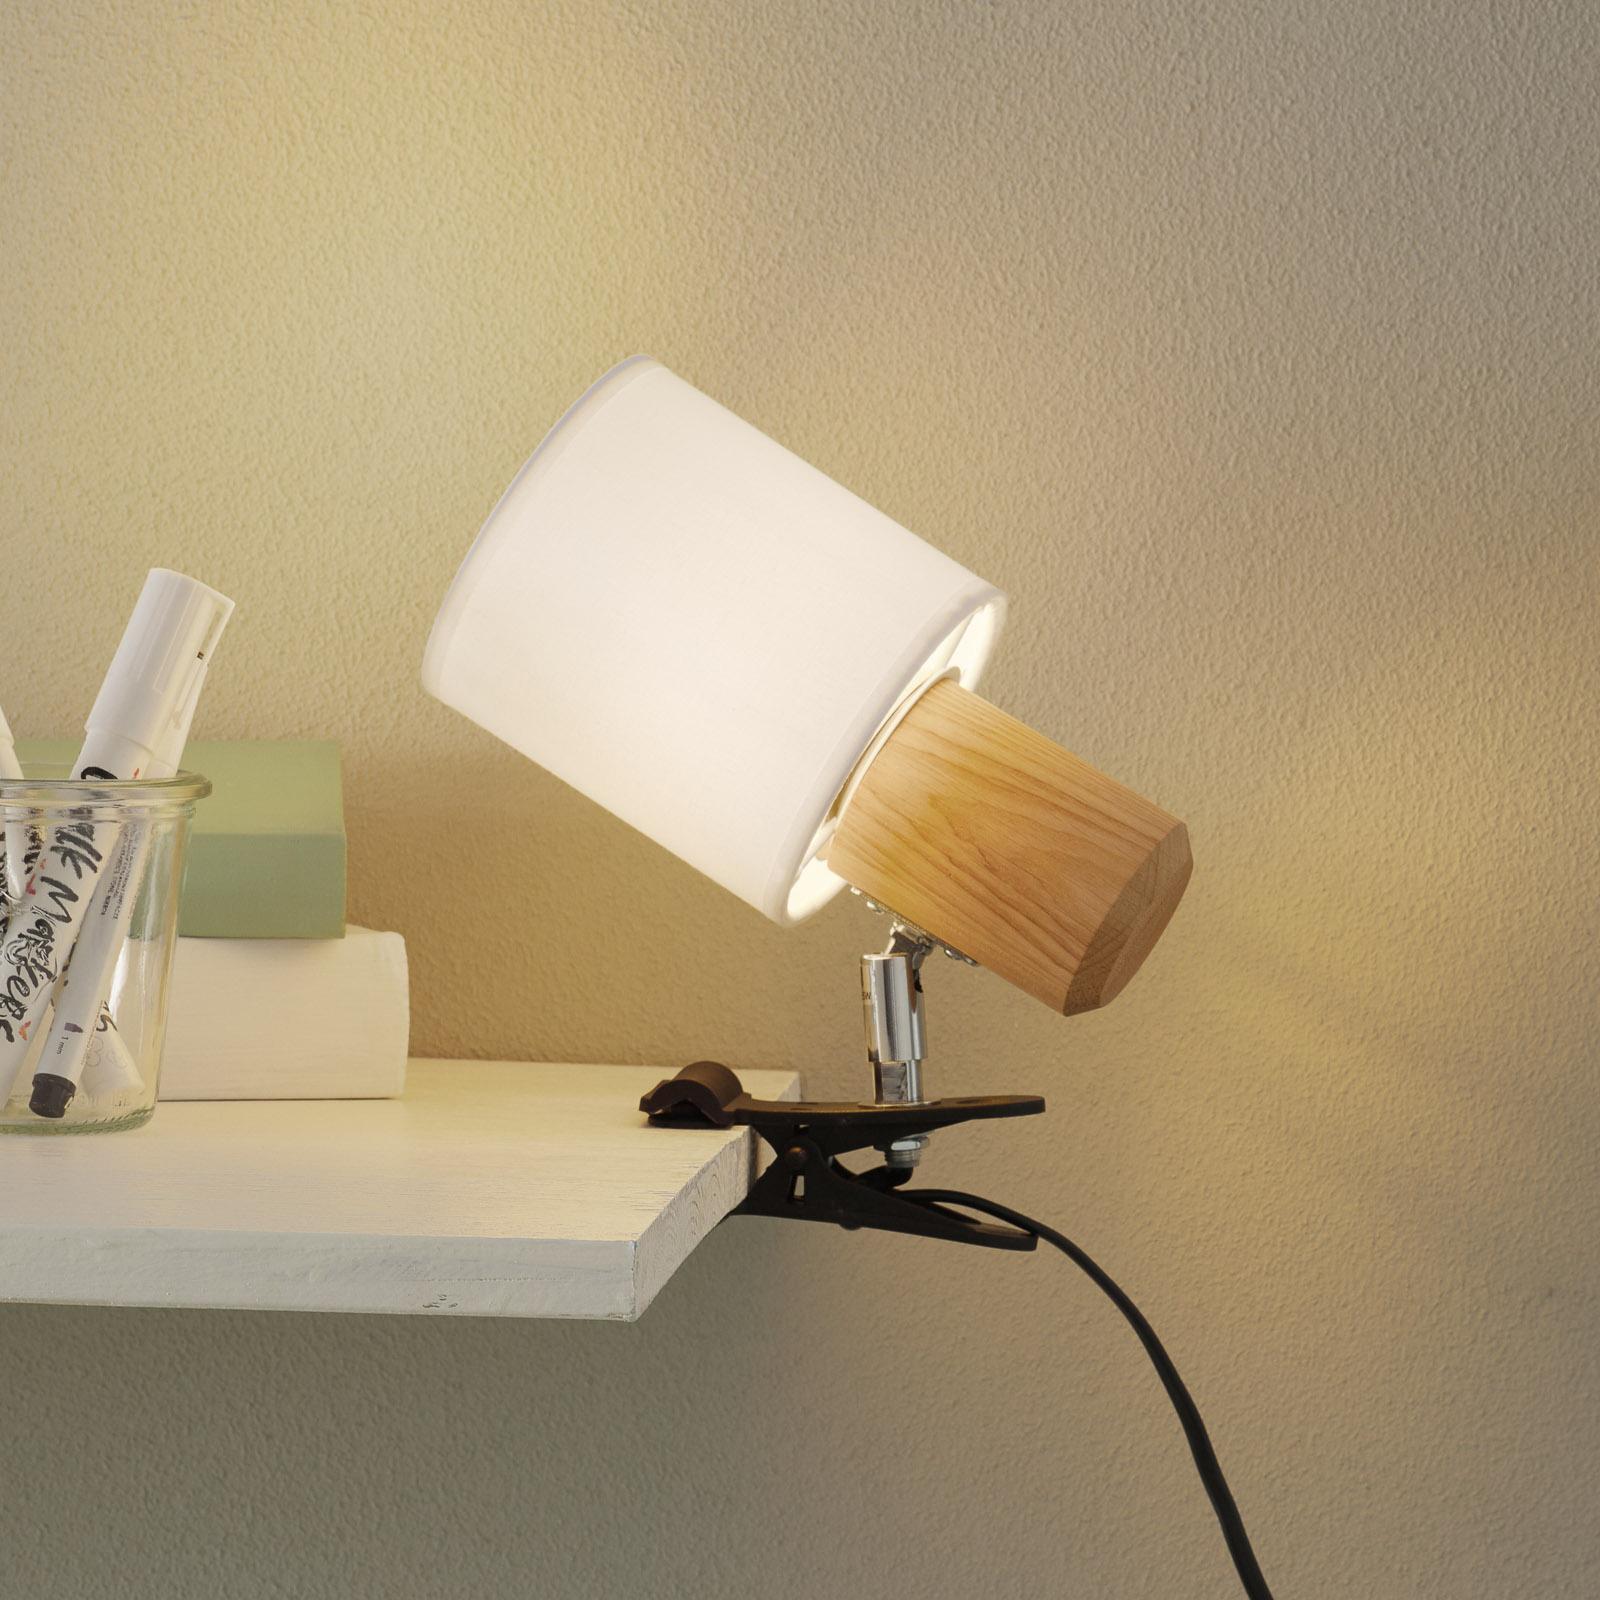 Lampe à pince Clampspots moderne abat-jour blanc